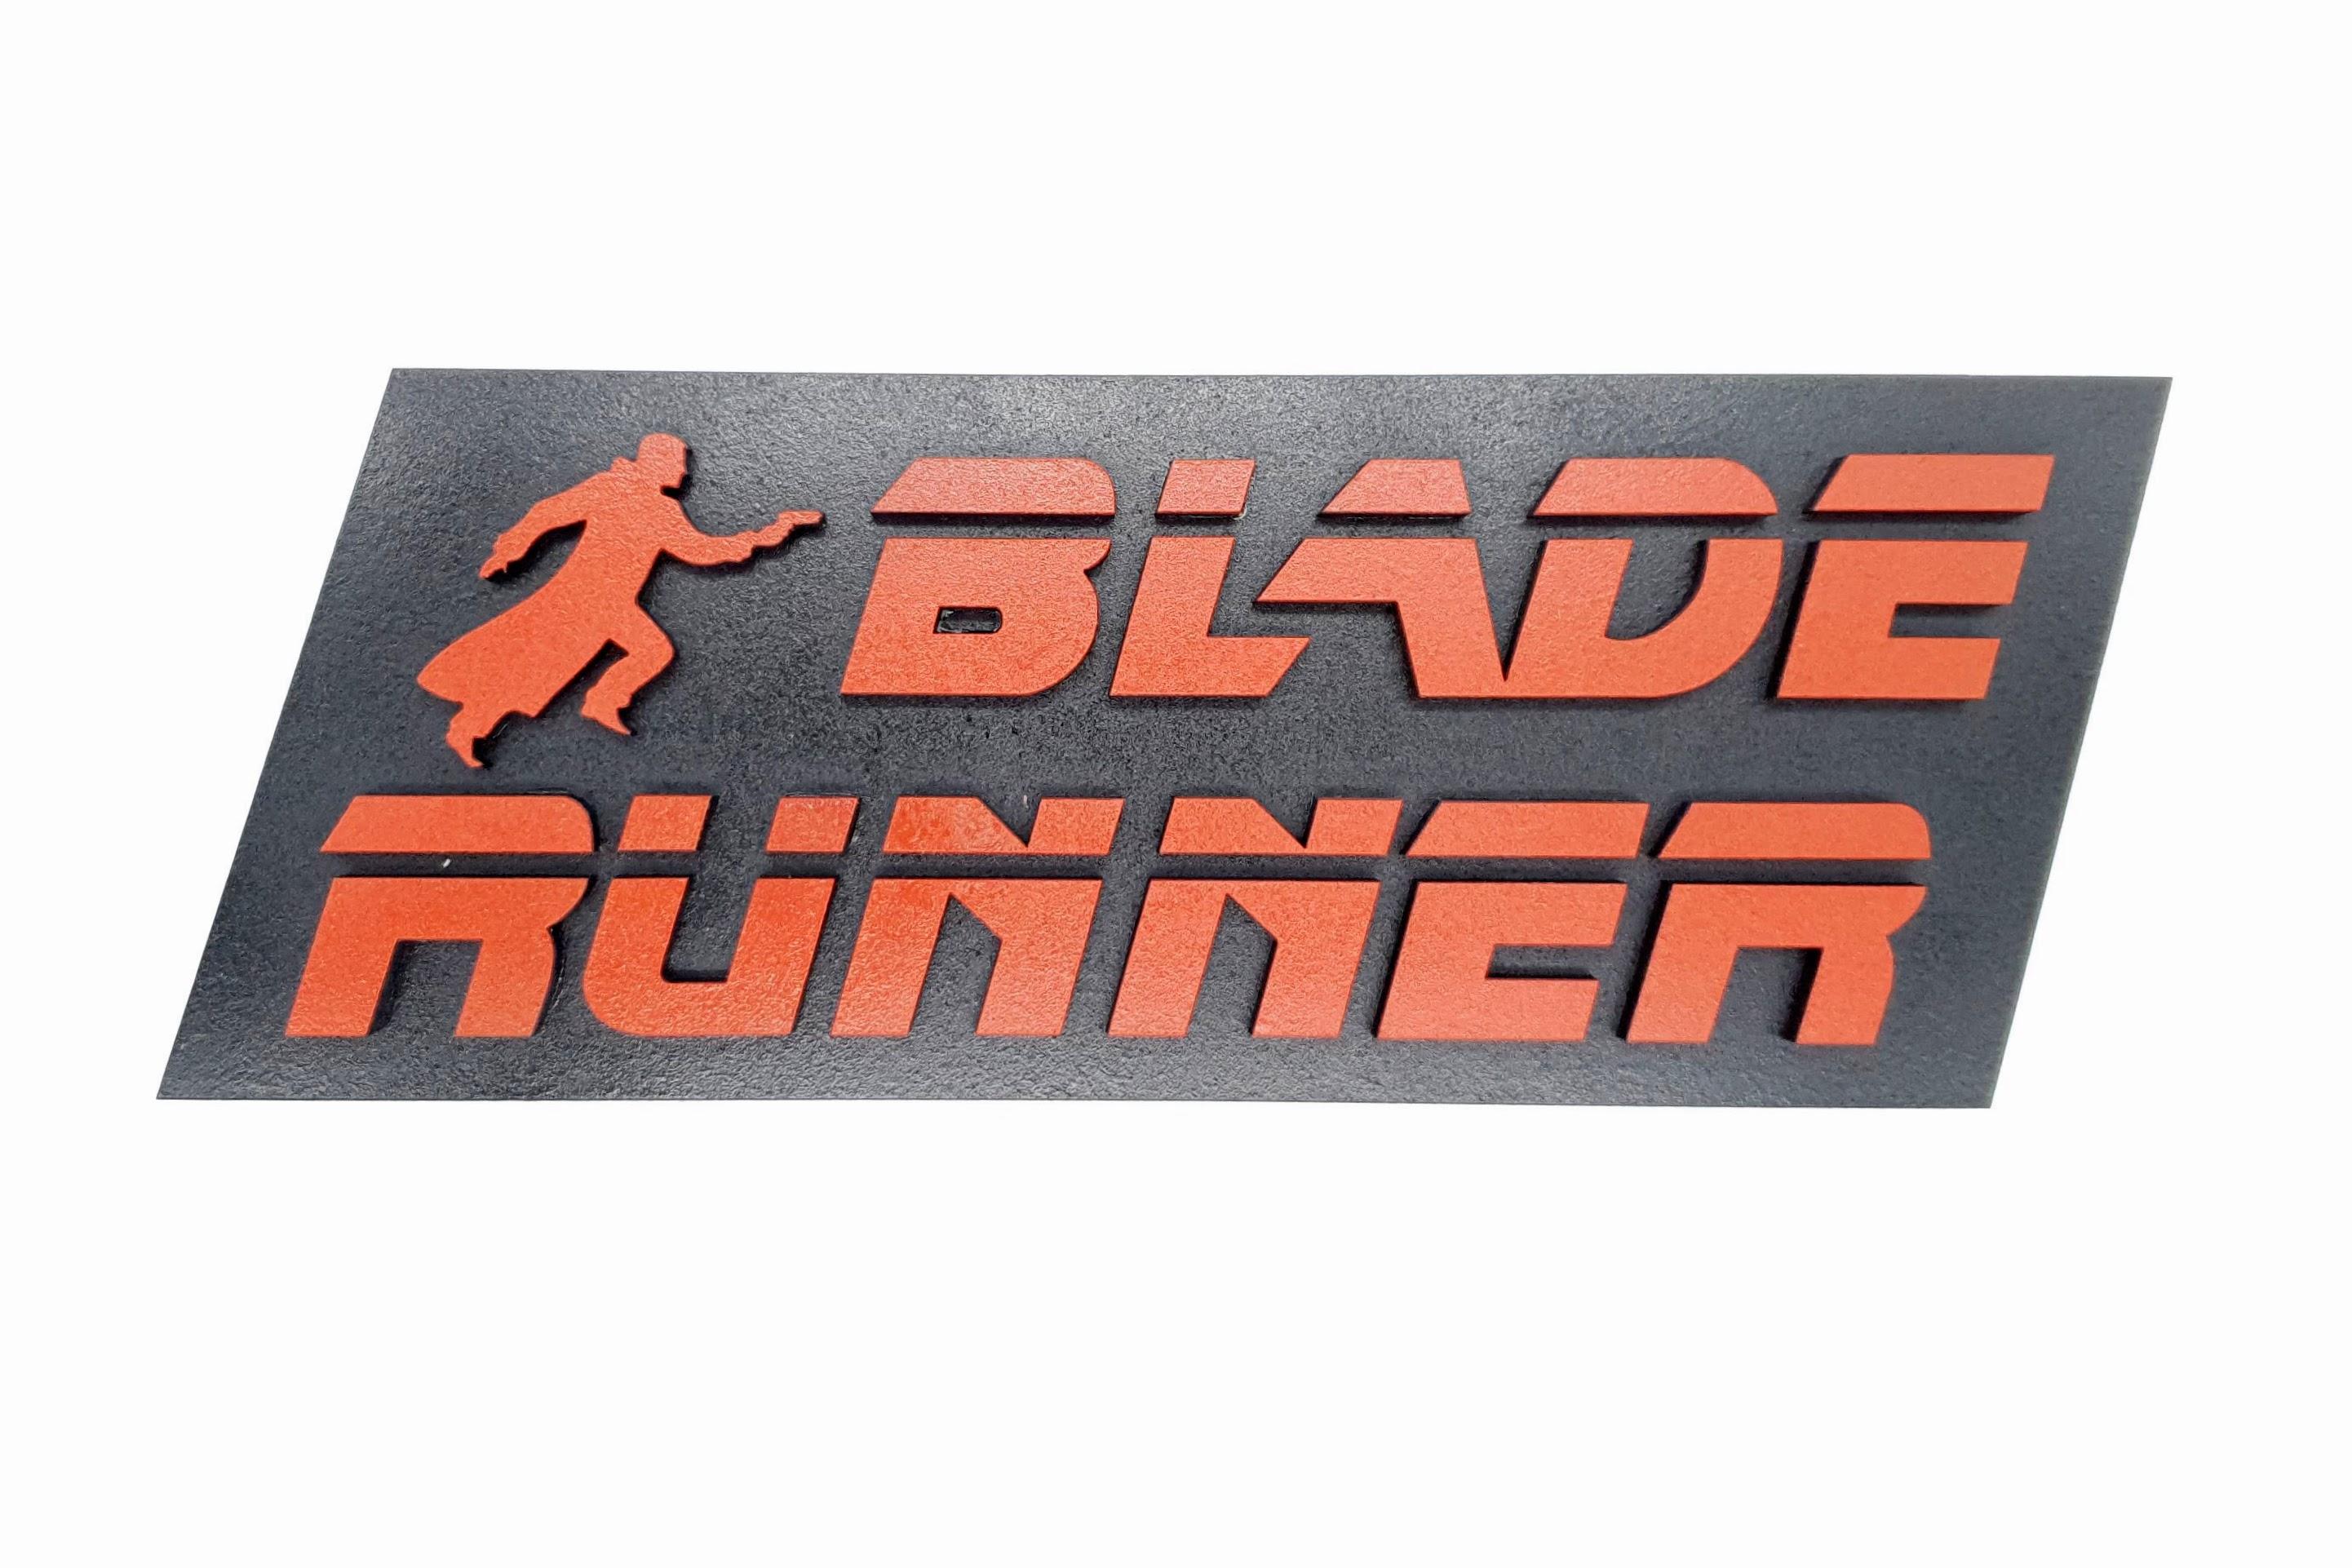 Blade runner sign